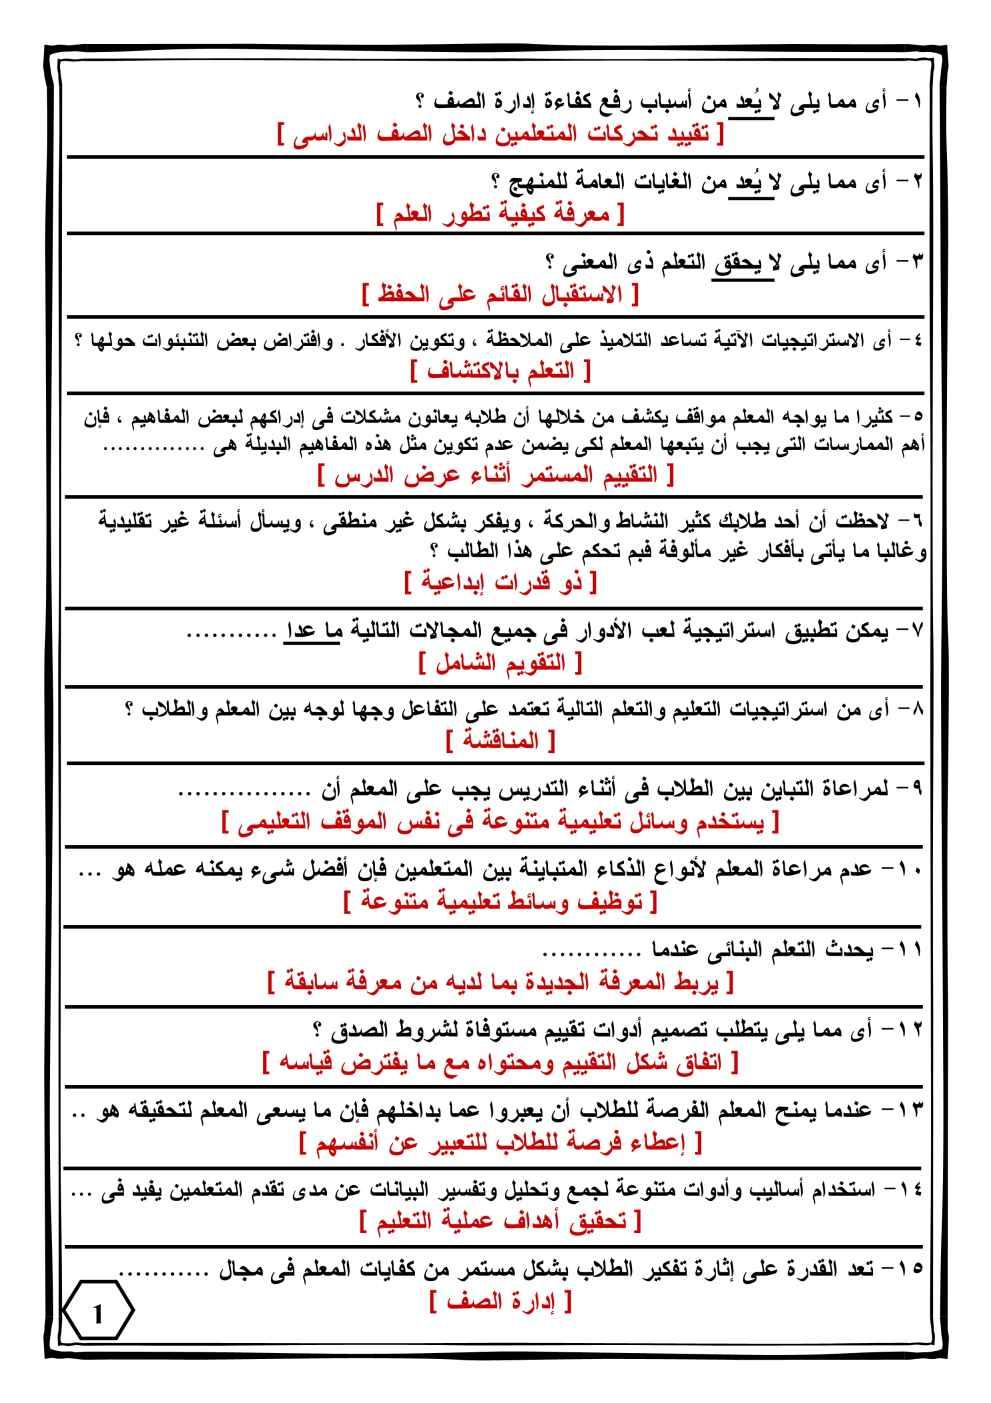 الجودة الشخصية pdf